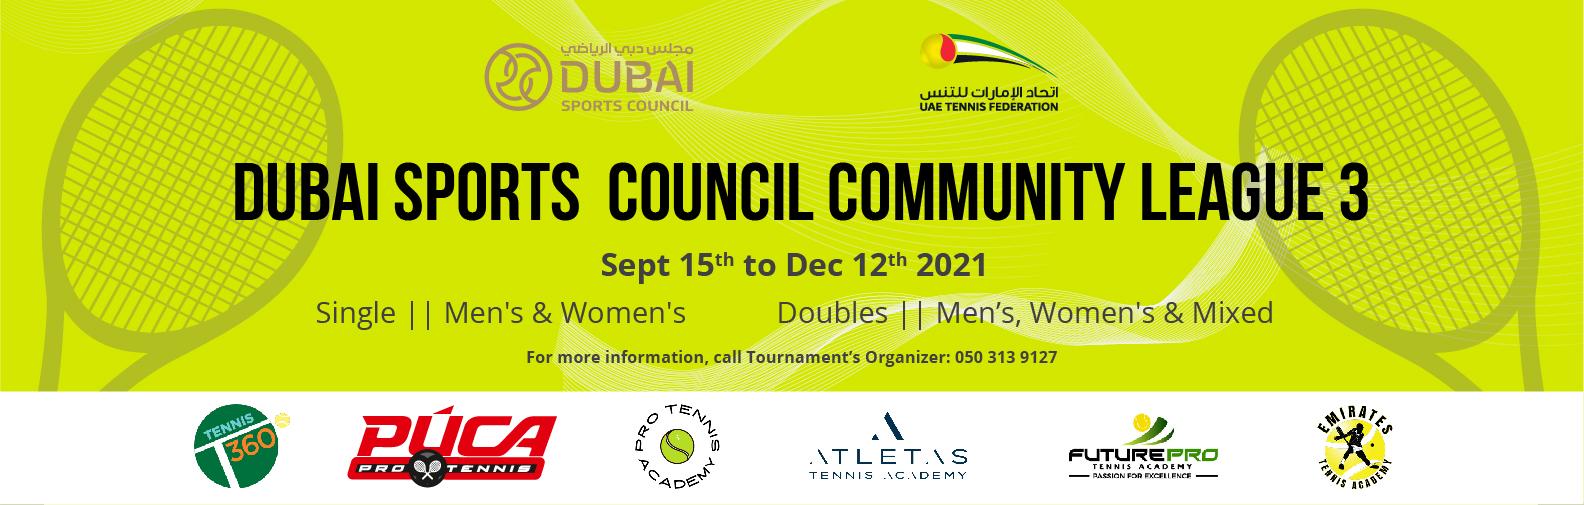 DSC Community League 3